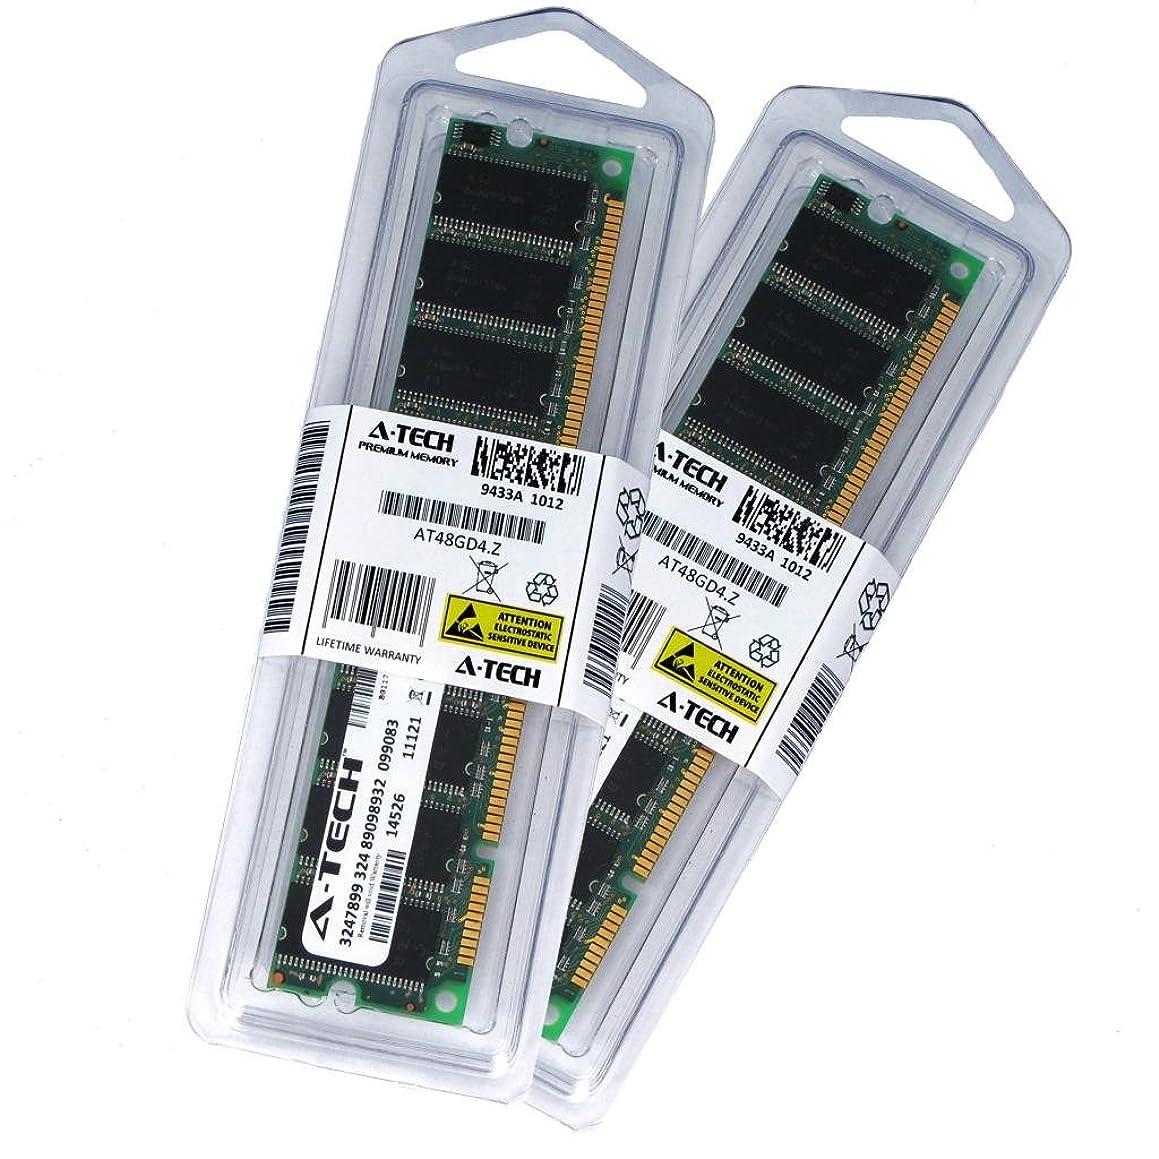 ふつう新聞平行256?MBキット( 2?x 128?MB ) for Acer AcerPower 6200?333?366?400?8000?266b / C 8000?300?A / B / C 8000?333?A 6000?266?A / 266b / 300?a / 333?a。ECC DIMM SD pc66?66?MHz RAMメモリ。A - Techブランド純正。